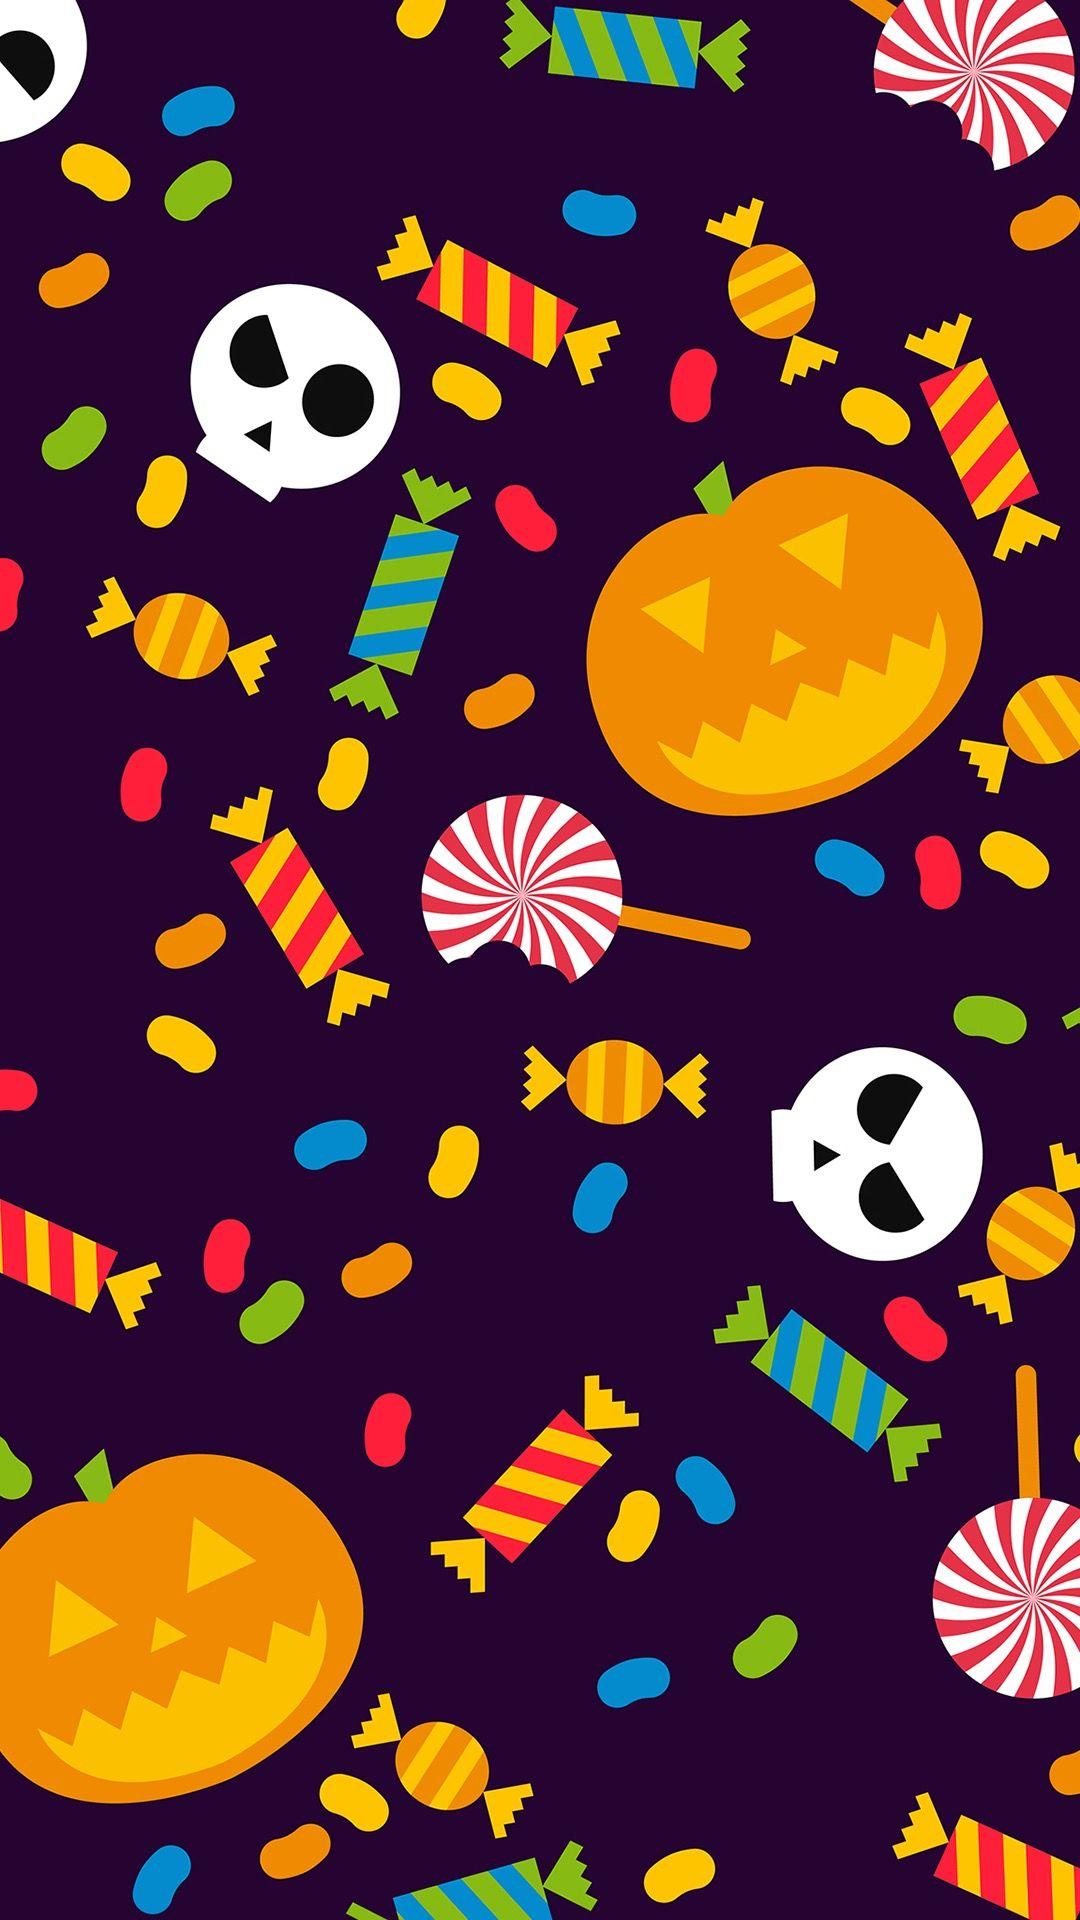 Halloween Wallpaper 1080p, Top Wallpaper 1080p, Images - Halloween Wallpaper Iphone X , HD Wallpaper & Backgrounds